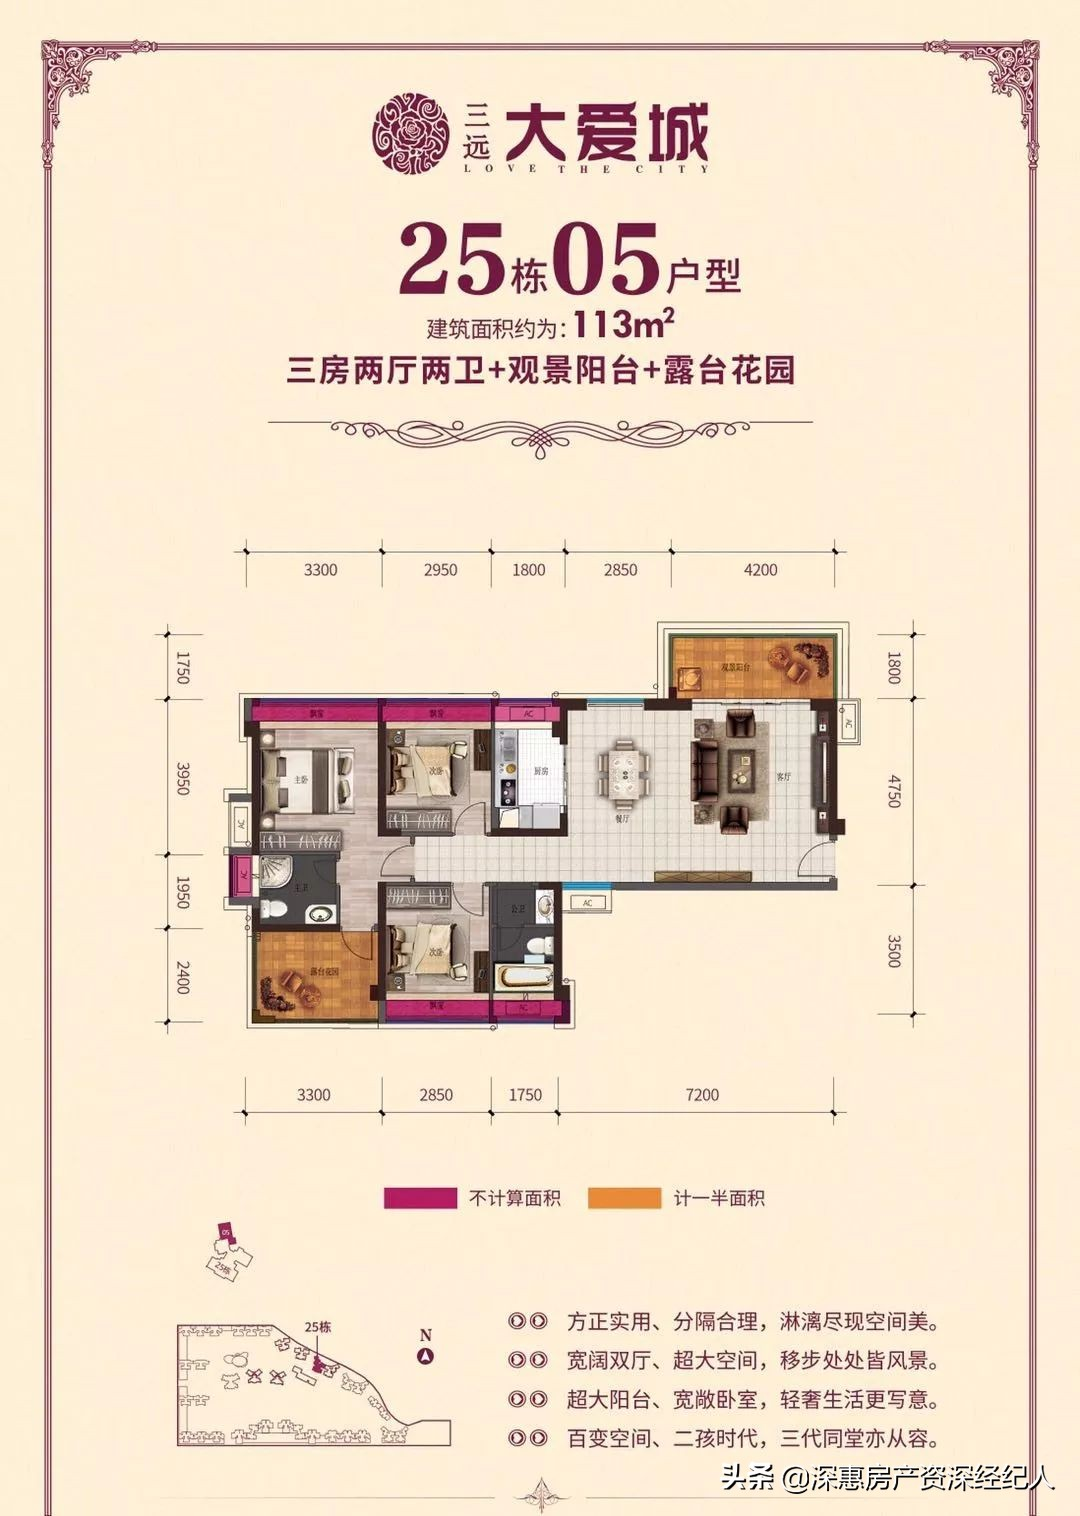 灿邦新天地商业圈,惠州最好园林楼盘——三远大爱城